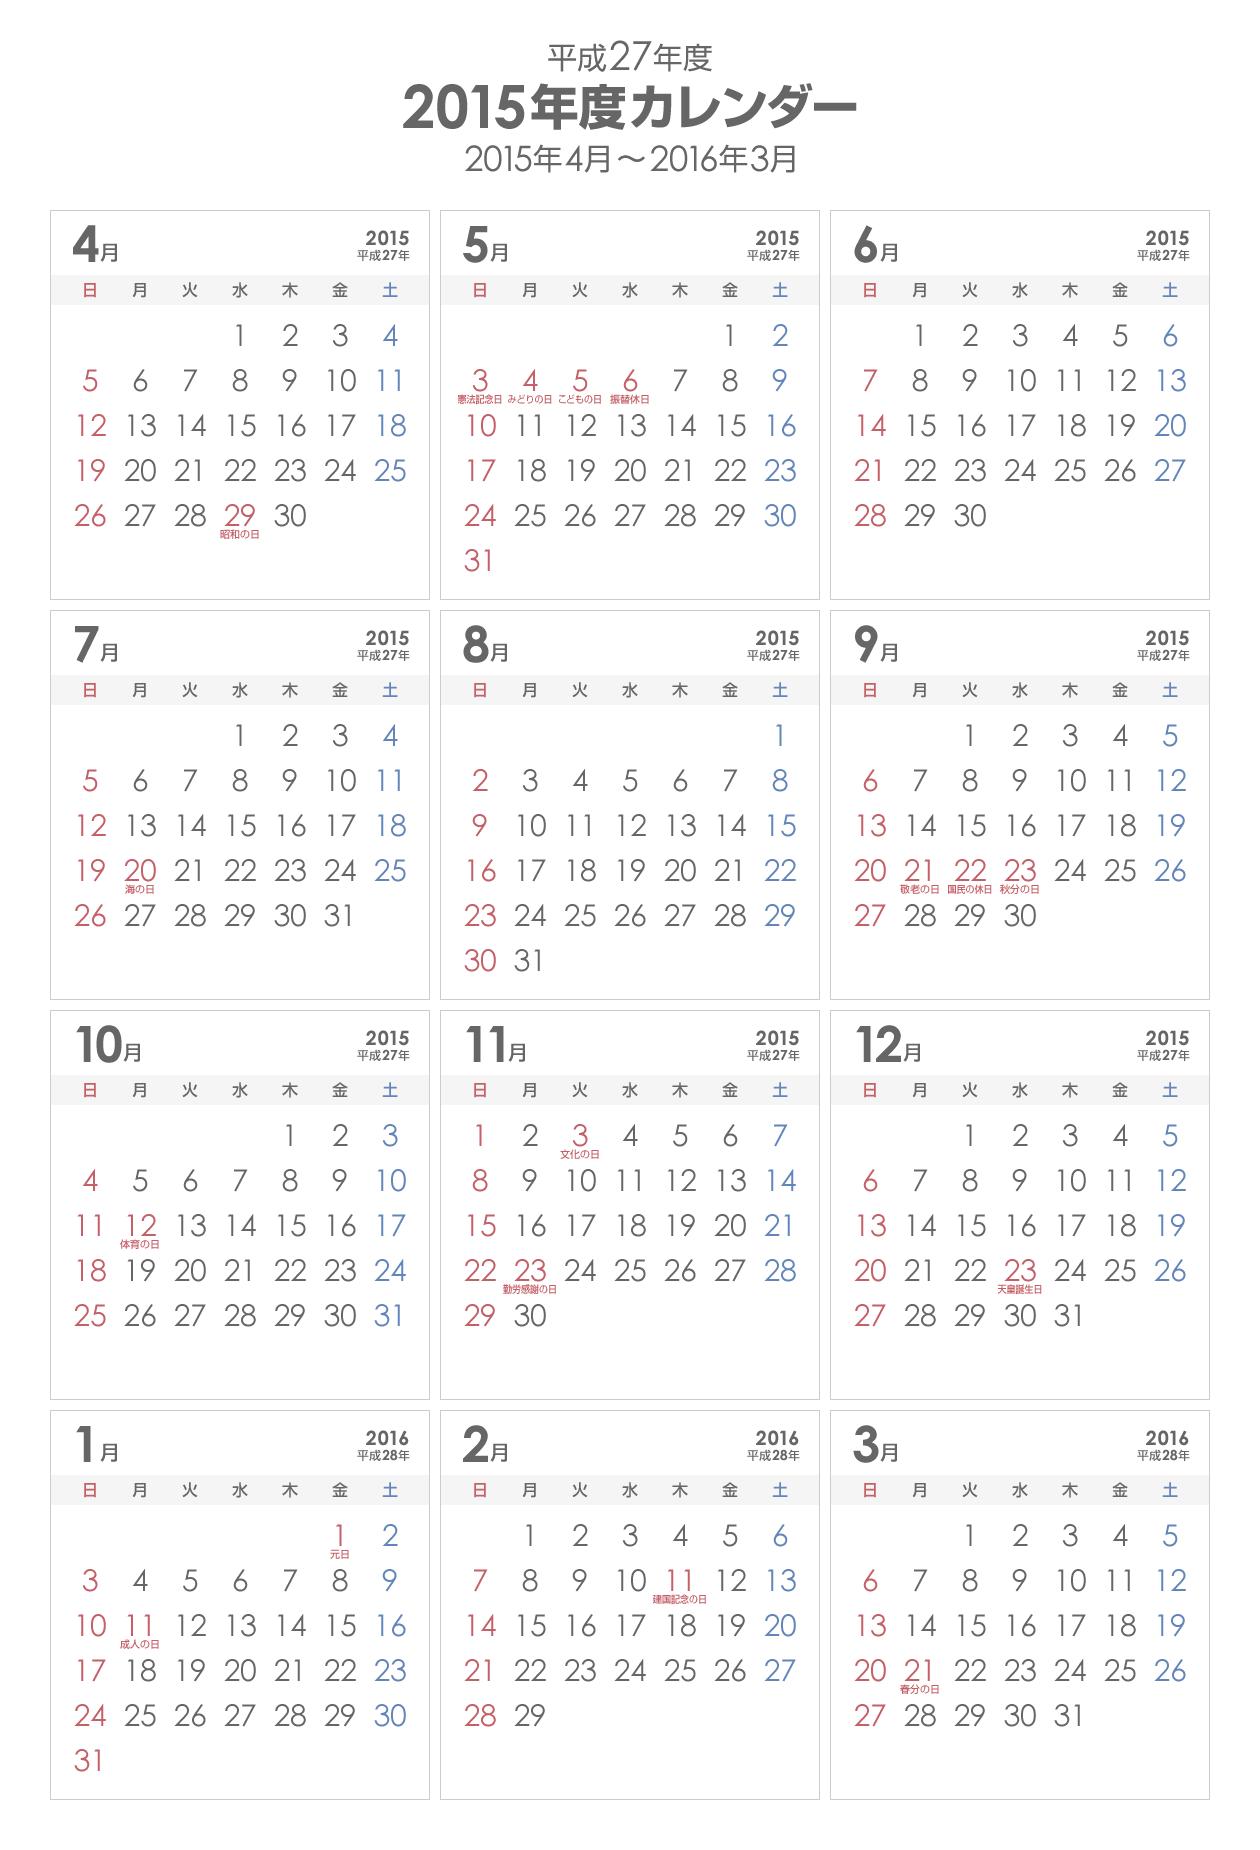 ... 年間カレンダー<4月始まり : 2015年カレンダー 4月始まり : カレンダー